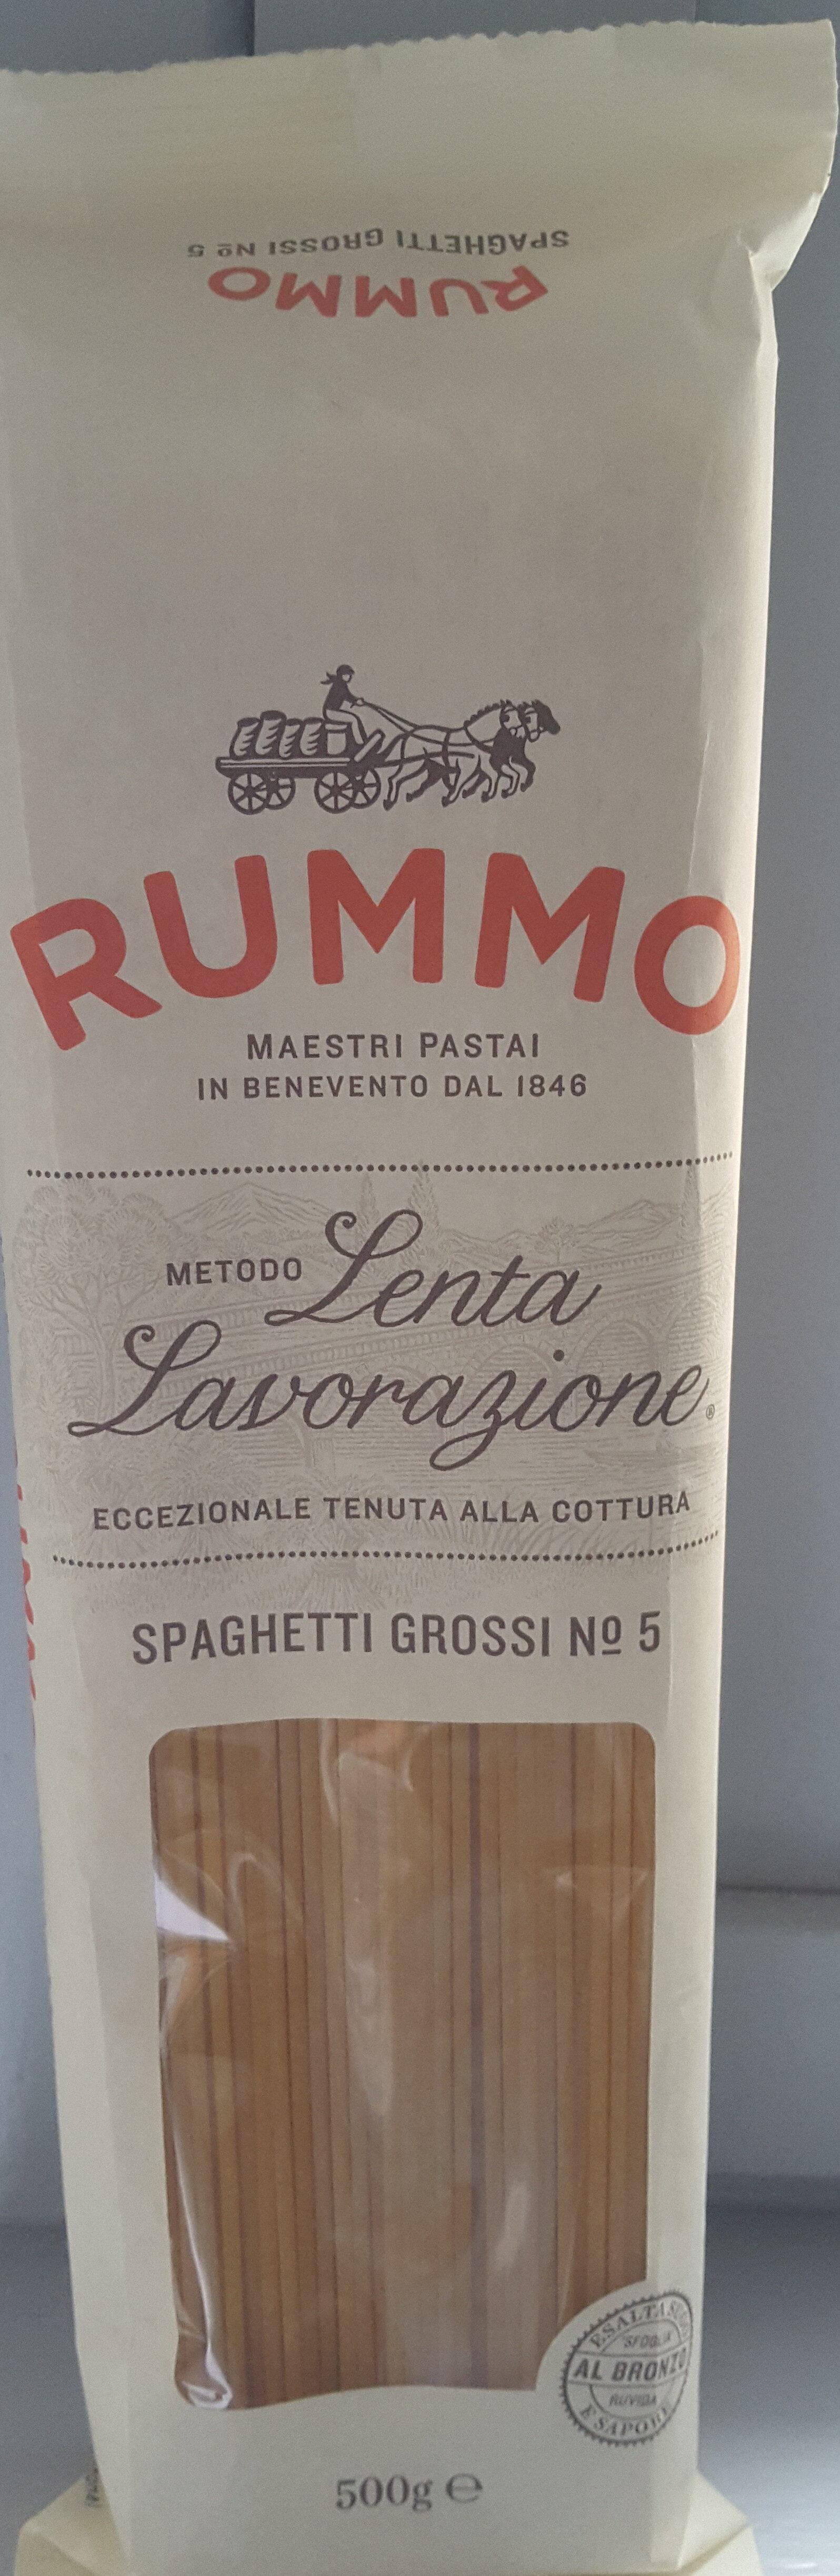 Lenta Lavorazione Grossi No 5 Spaghetti - Product - en